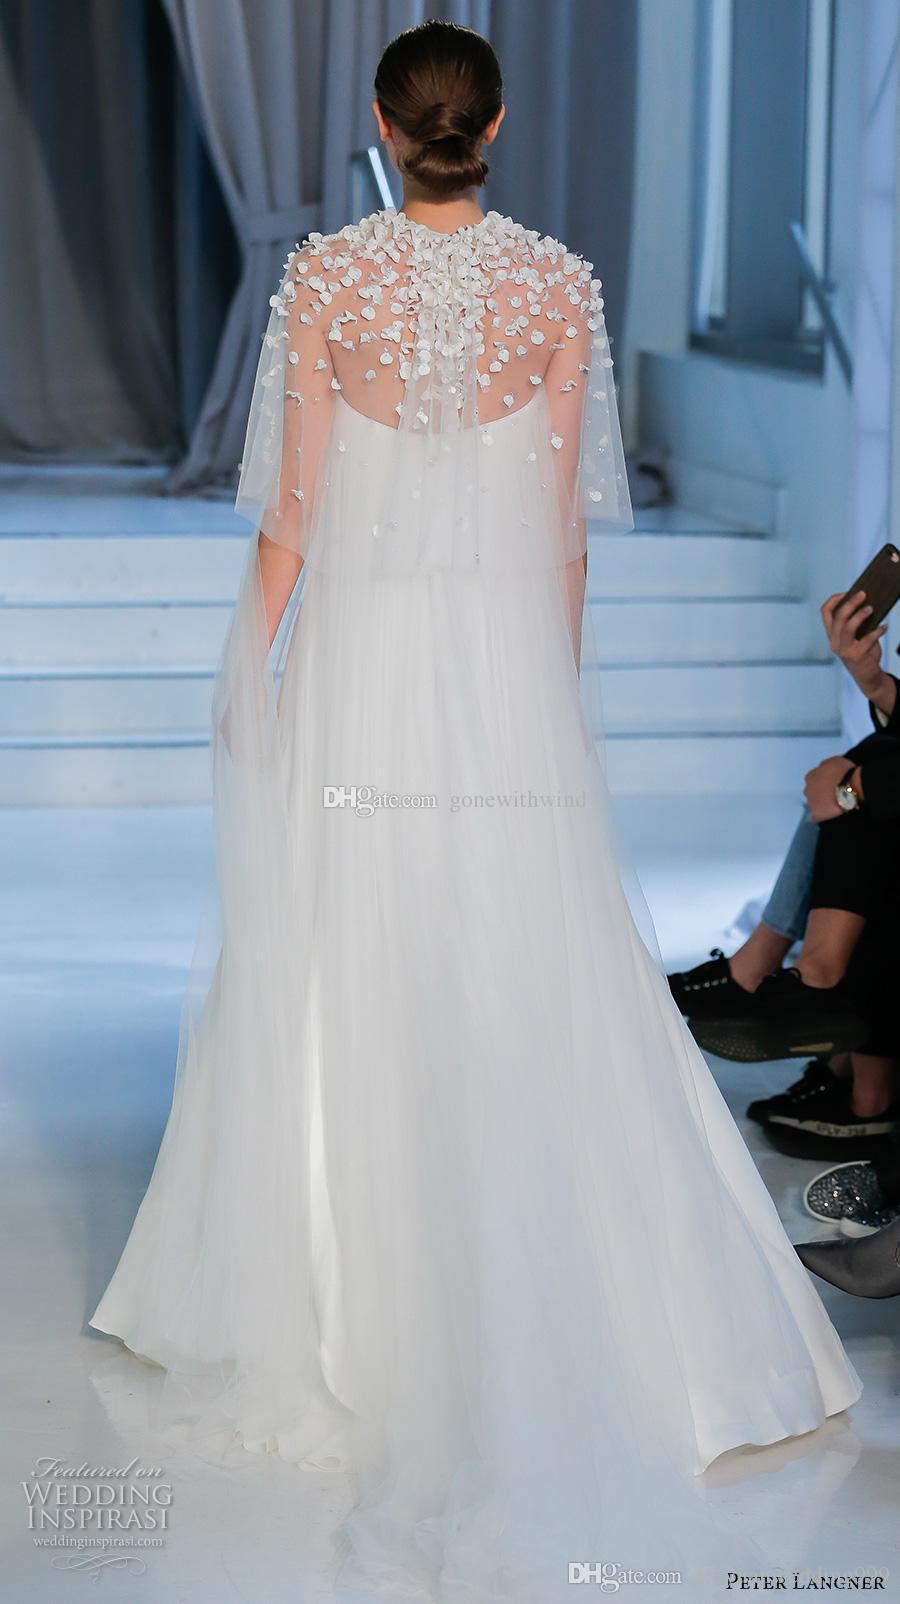 Großzügig Minze Farbige Kleider Cocktail Galerie - Hochzeit Kleid ...